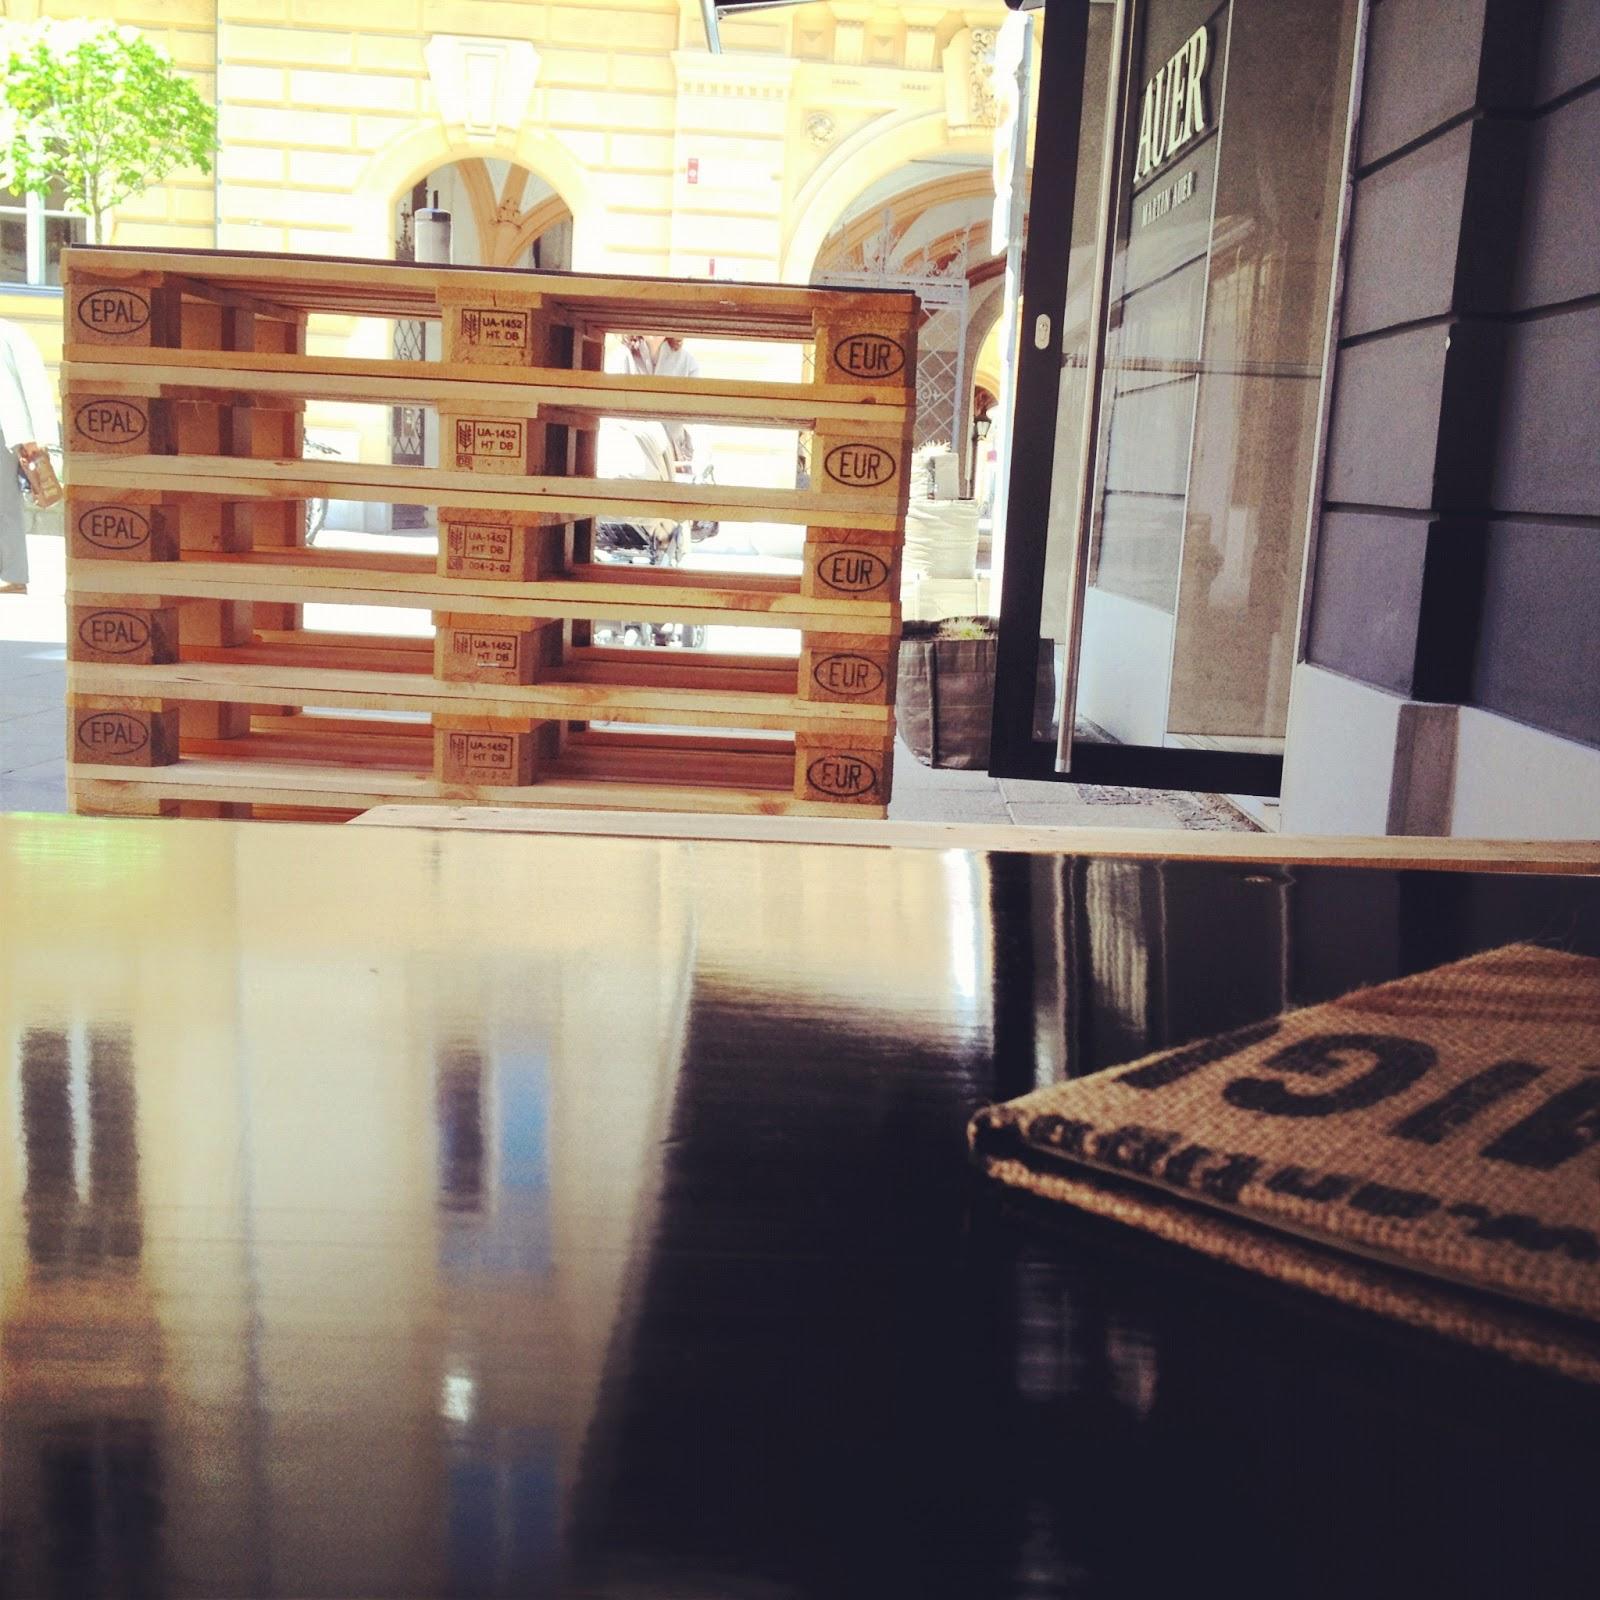 K che aus paletten selber bauen k che spritzschutz diy for Wohnzimmermobel mit viel stauraum